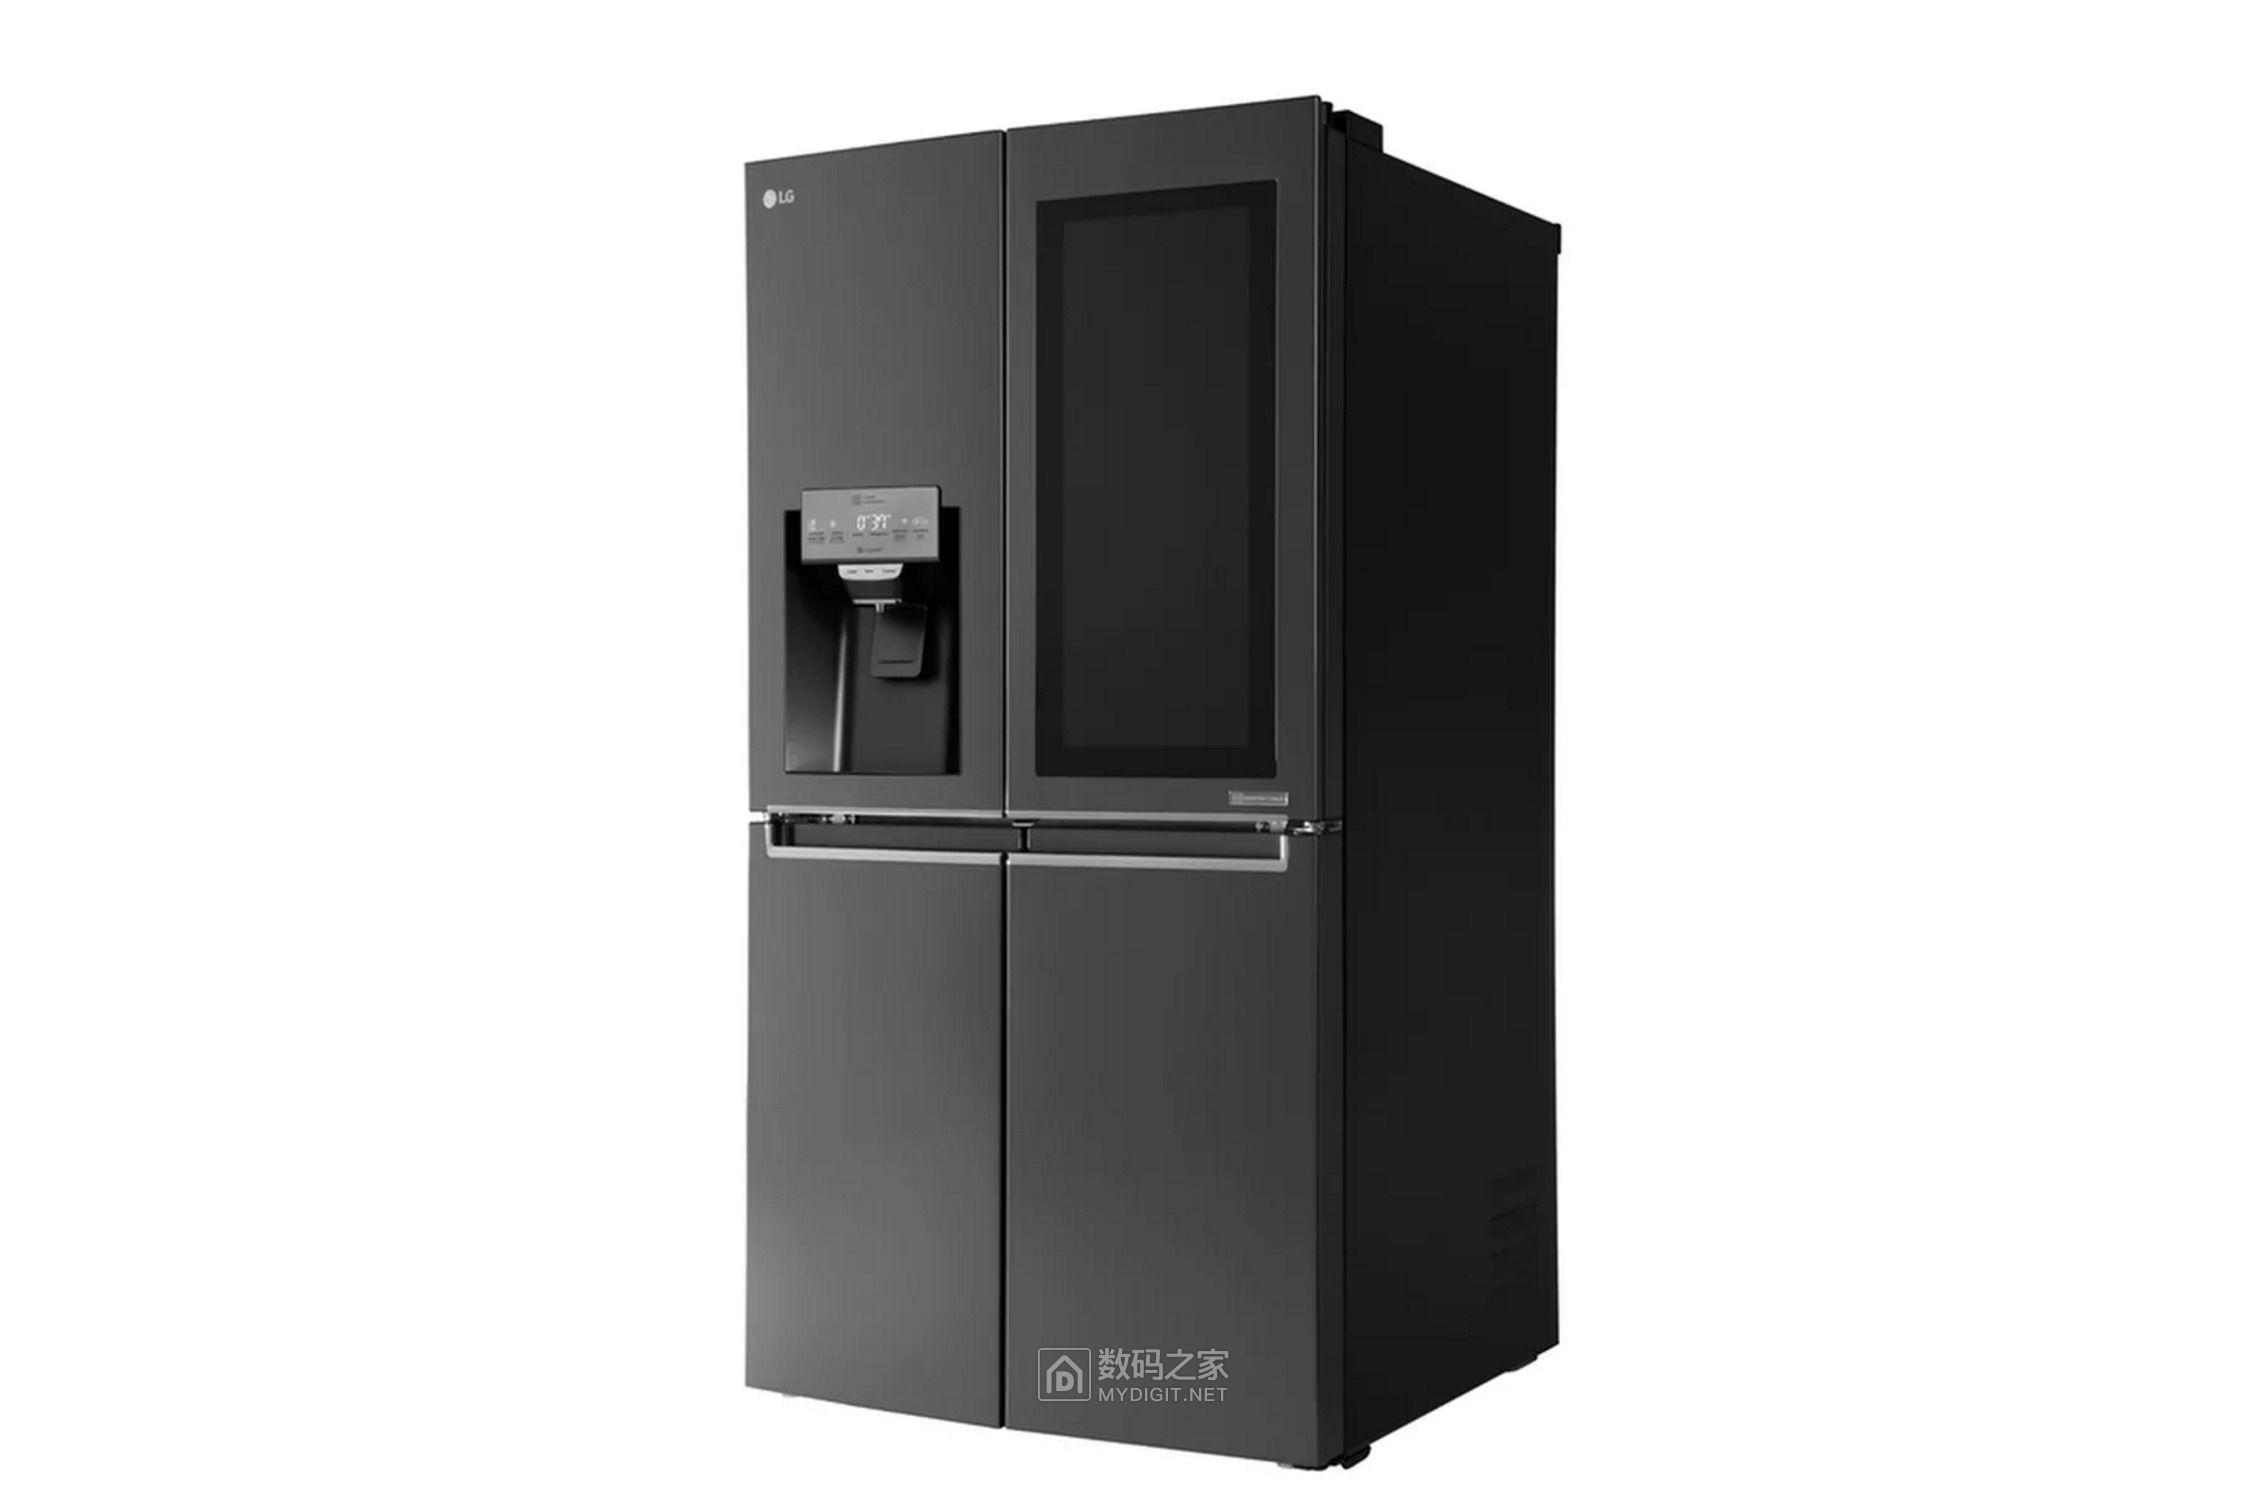 传统电视地位岌岌可危?LG新型智能冰箱自带多功能超大触屏